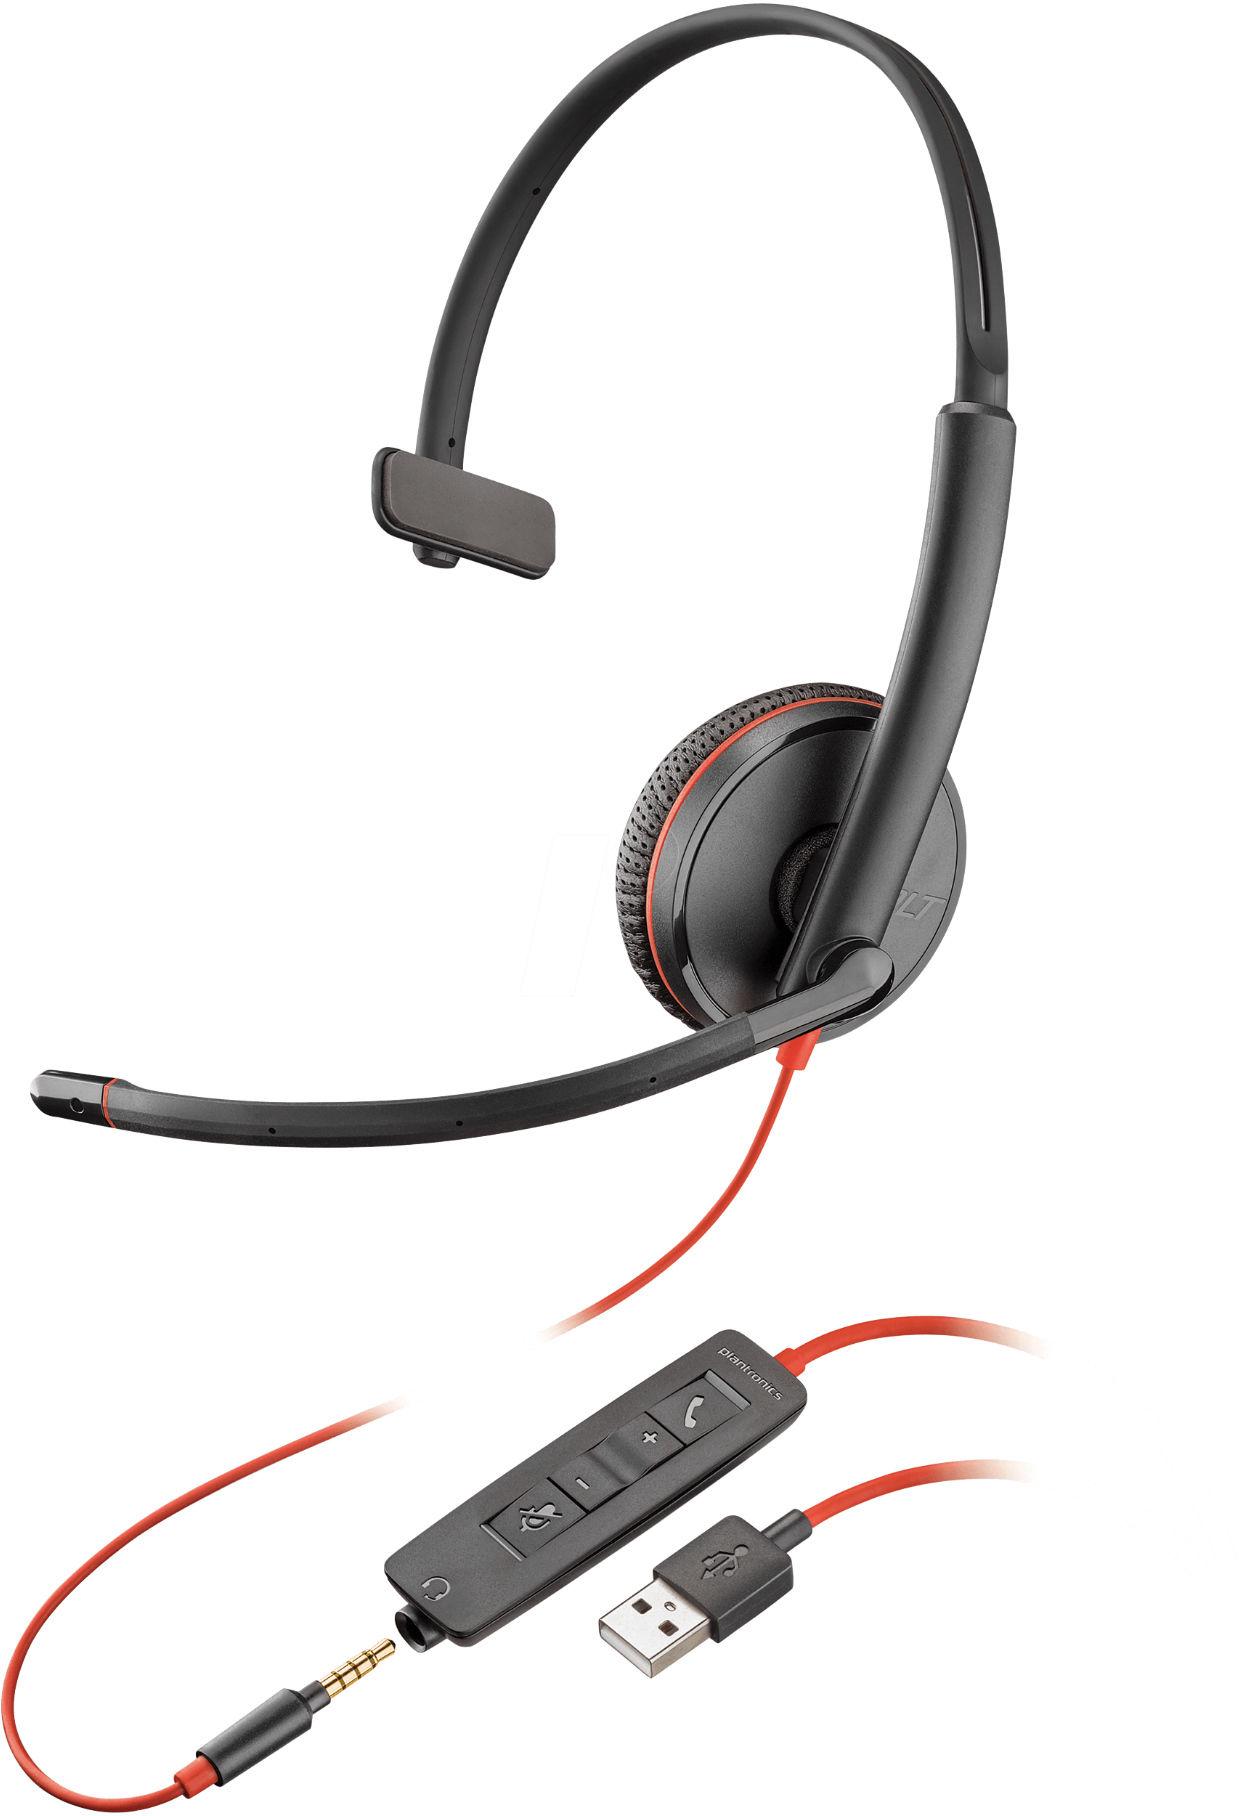 Słuchawki z mikrofonem Plantronics Blackwire C3215 (209746-201), przewodowe